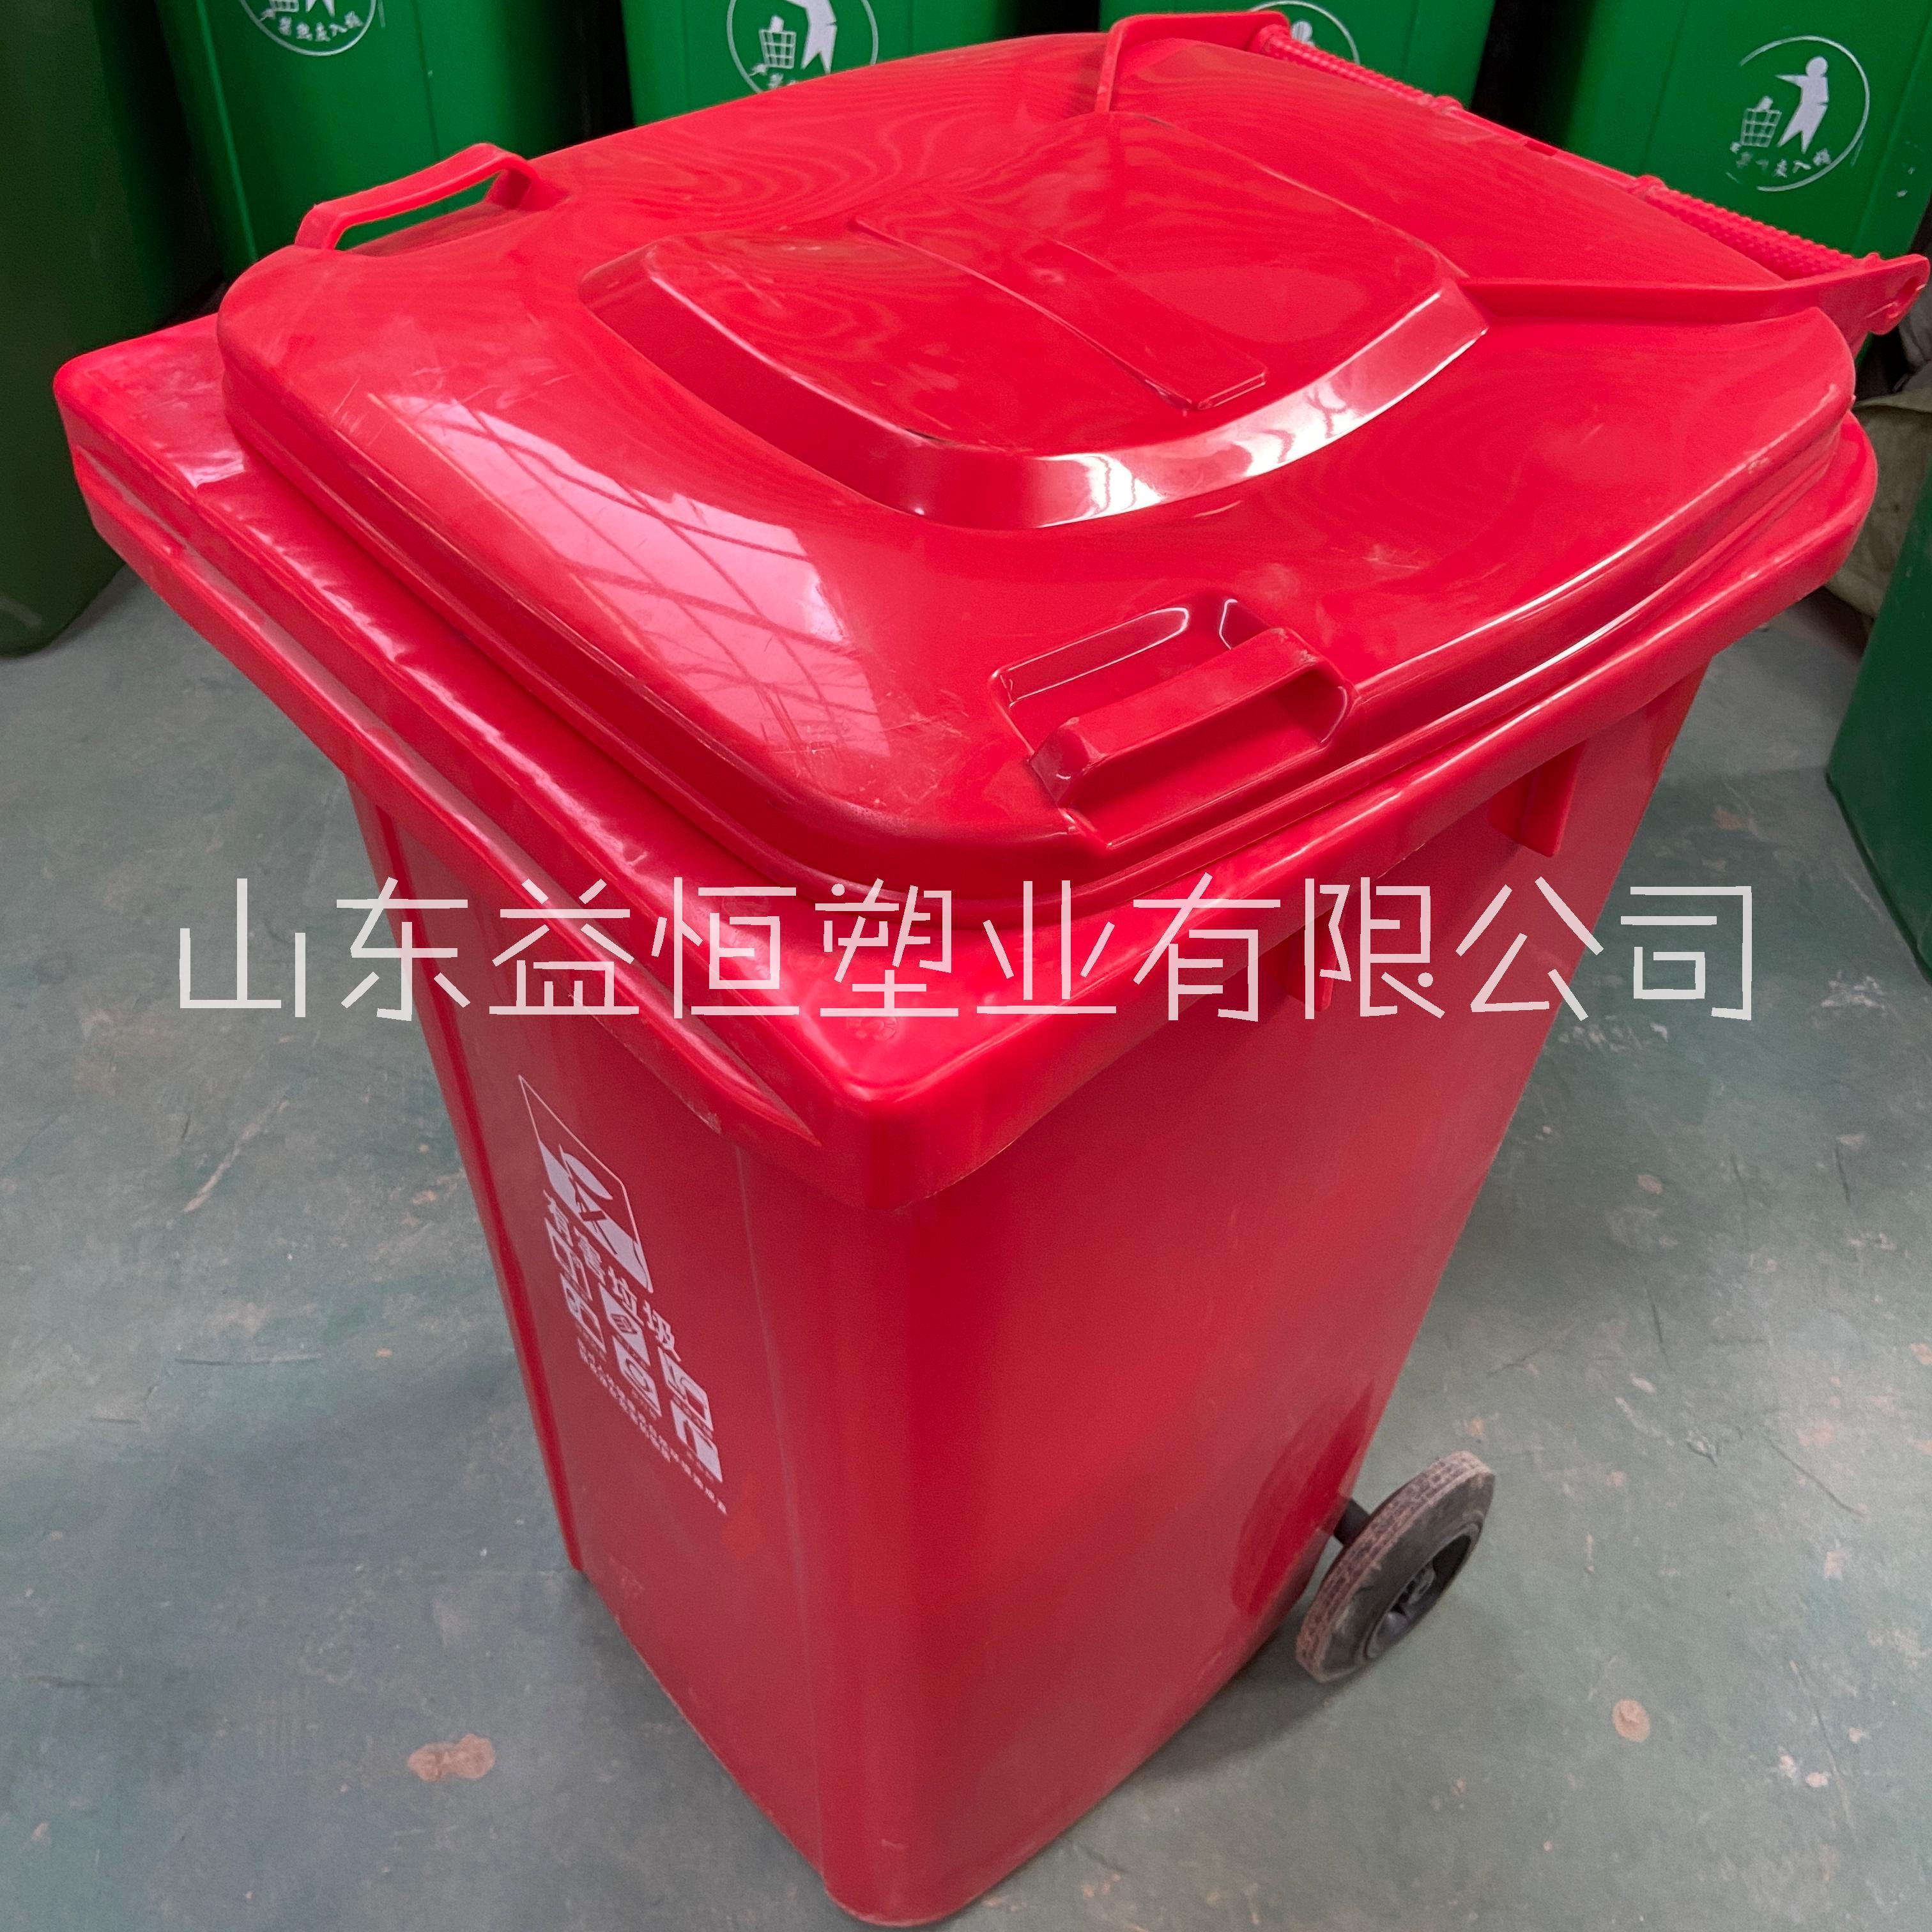 户外塑料垃圾桶 240L加厚户外环卫挂车垃圾桶带轮带盖益恒厂家批发直销